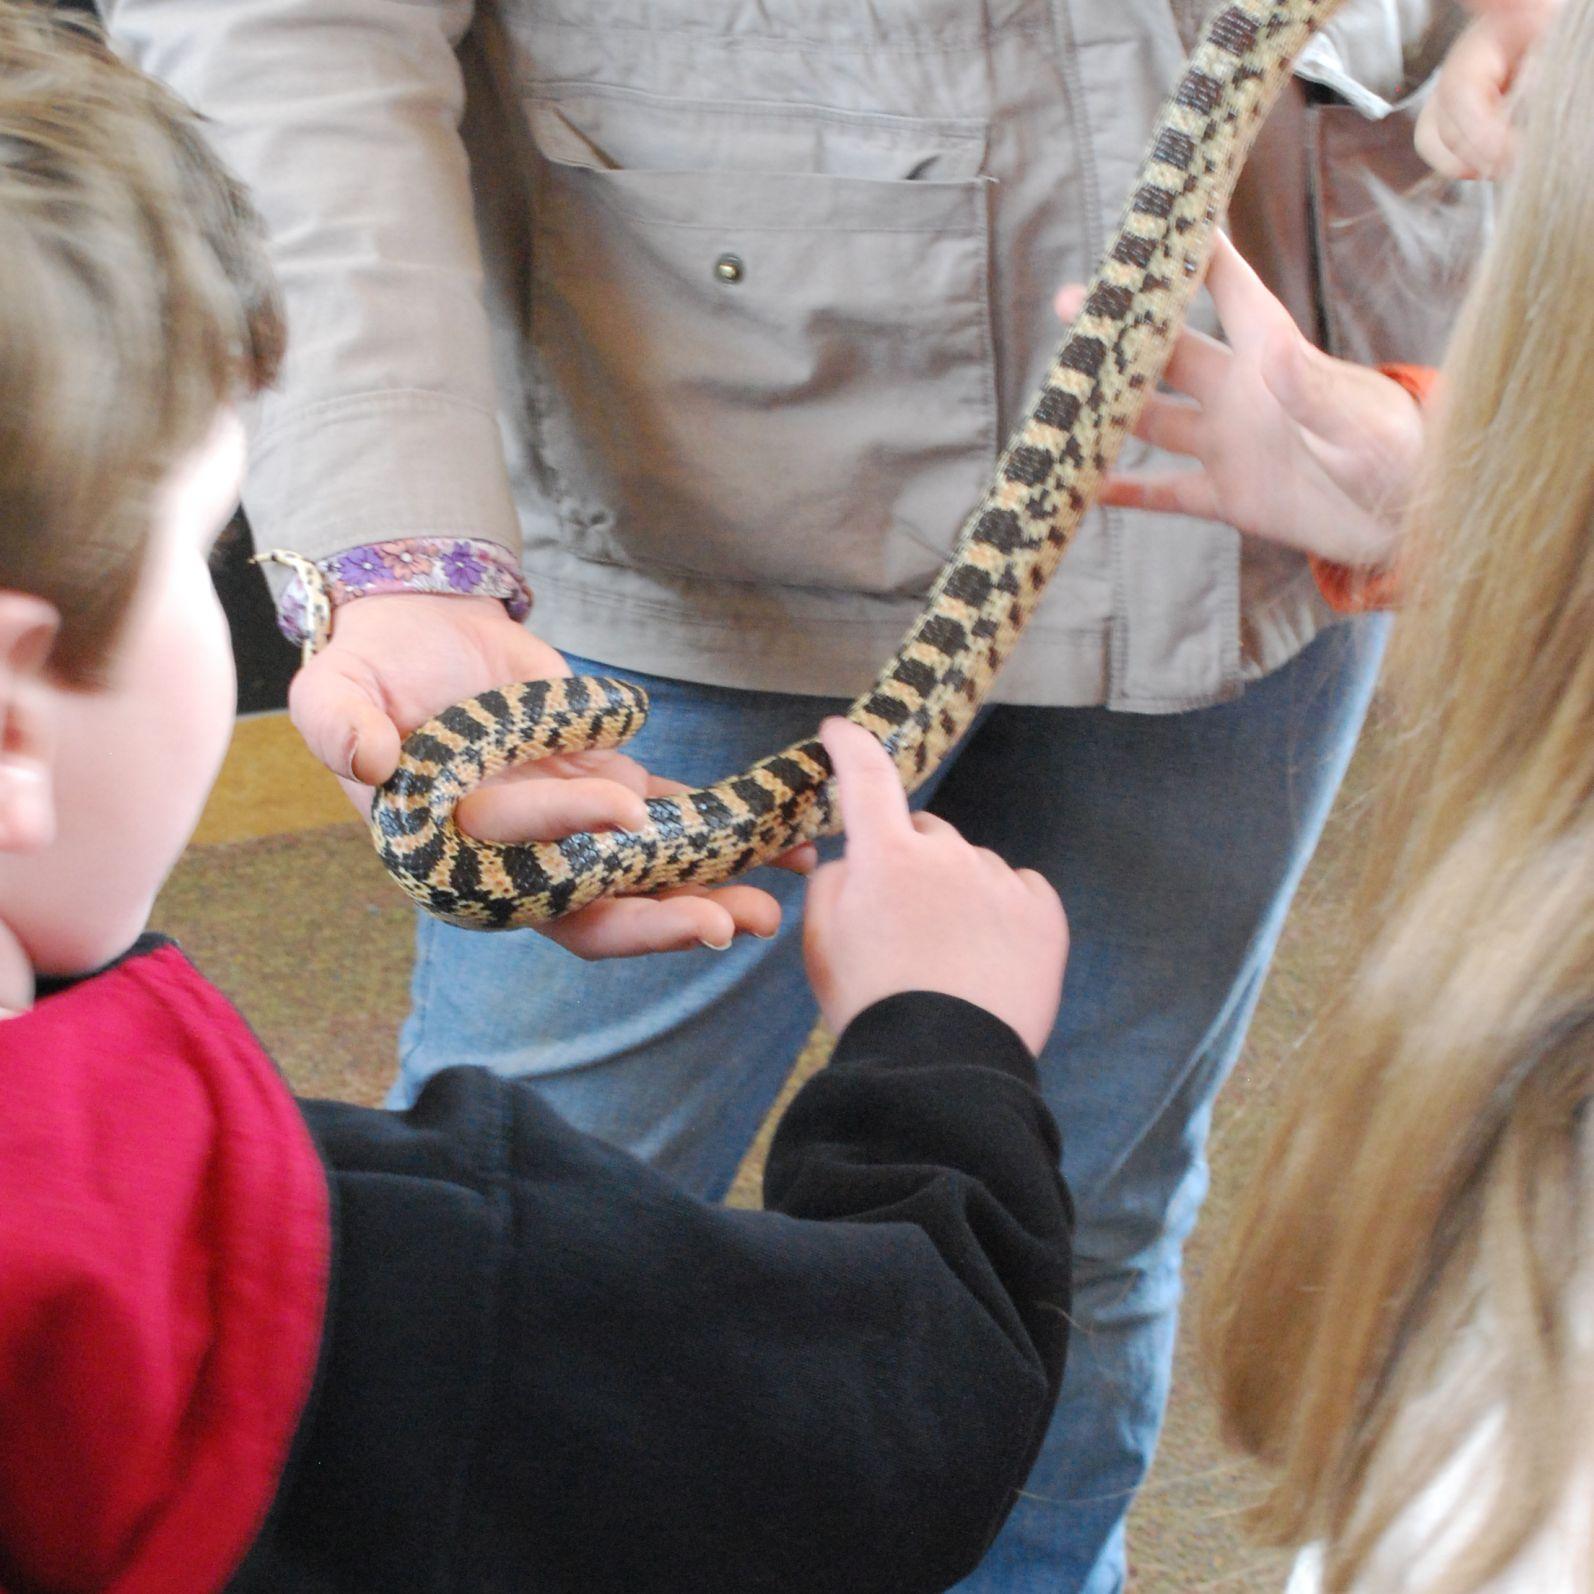 http://2.bp.blogspot.com/-VKAMInFkpFk/TdFf4w9QdXI/AAAAAAAAIVE/rzDKJ2KfjC4/s1600/ogden_nature_snake.jpg